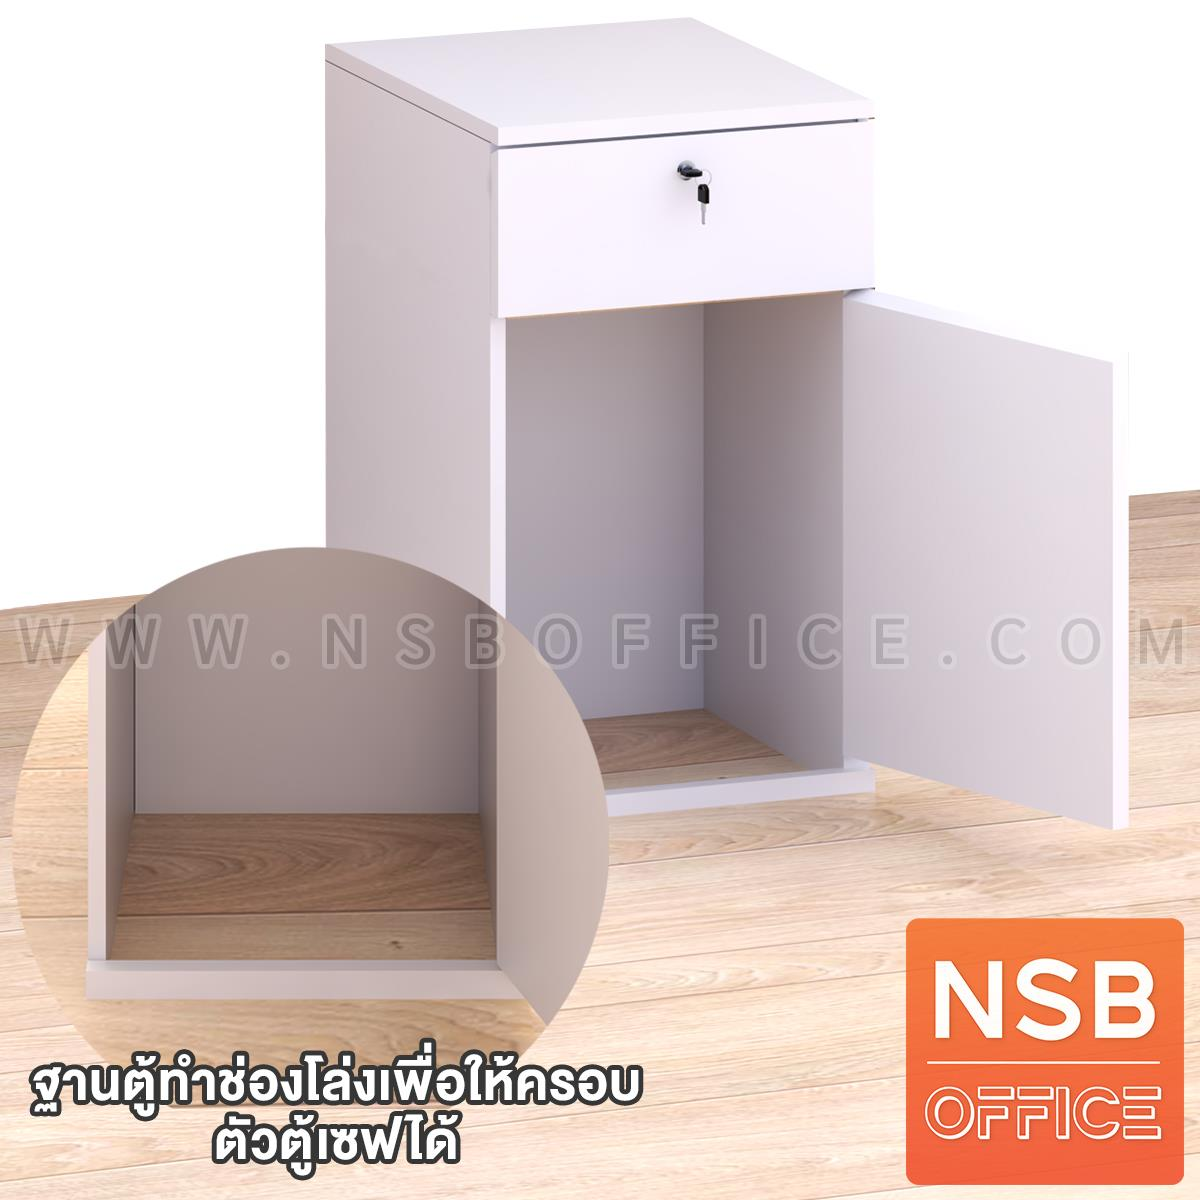 ตู้ครอบเซฟ บานเพ่ (แนวนอน)  รุ่น Backfire (แบล็กไฟเออร์)  ขนาด ขนาด 58W*55D*63H cm. สำหรับตู้เซฟน้ำหนัก 51 กก.